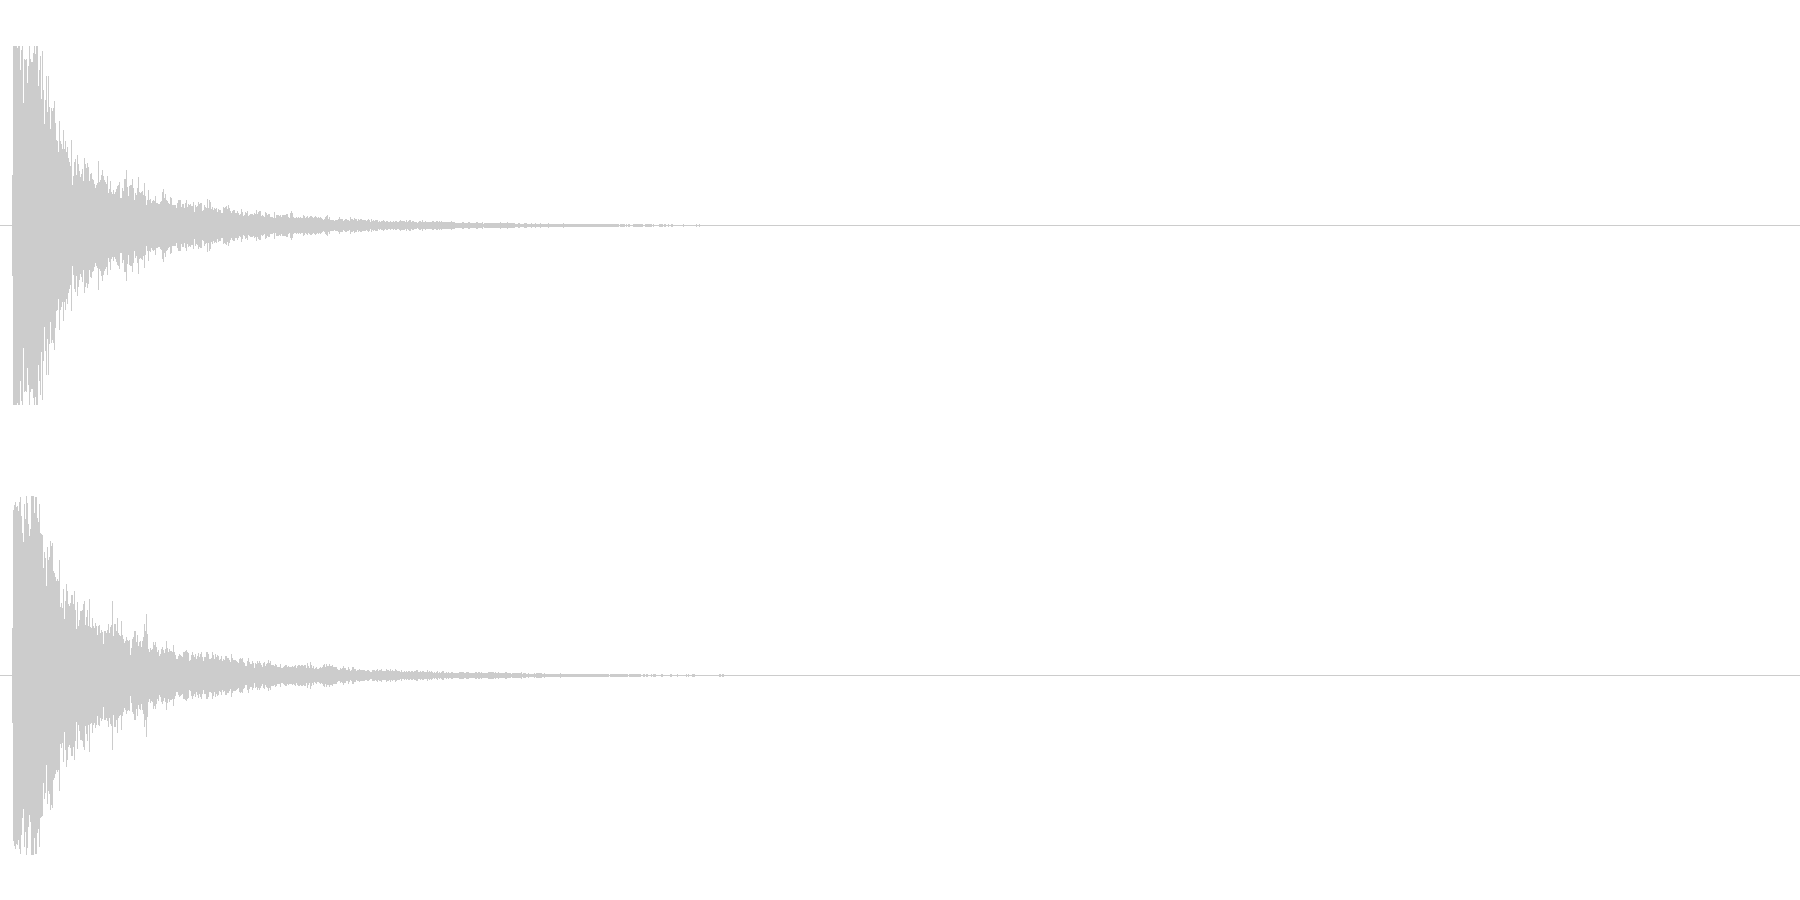 レーザー音-01-1の未再生の波形